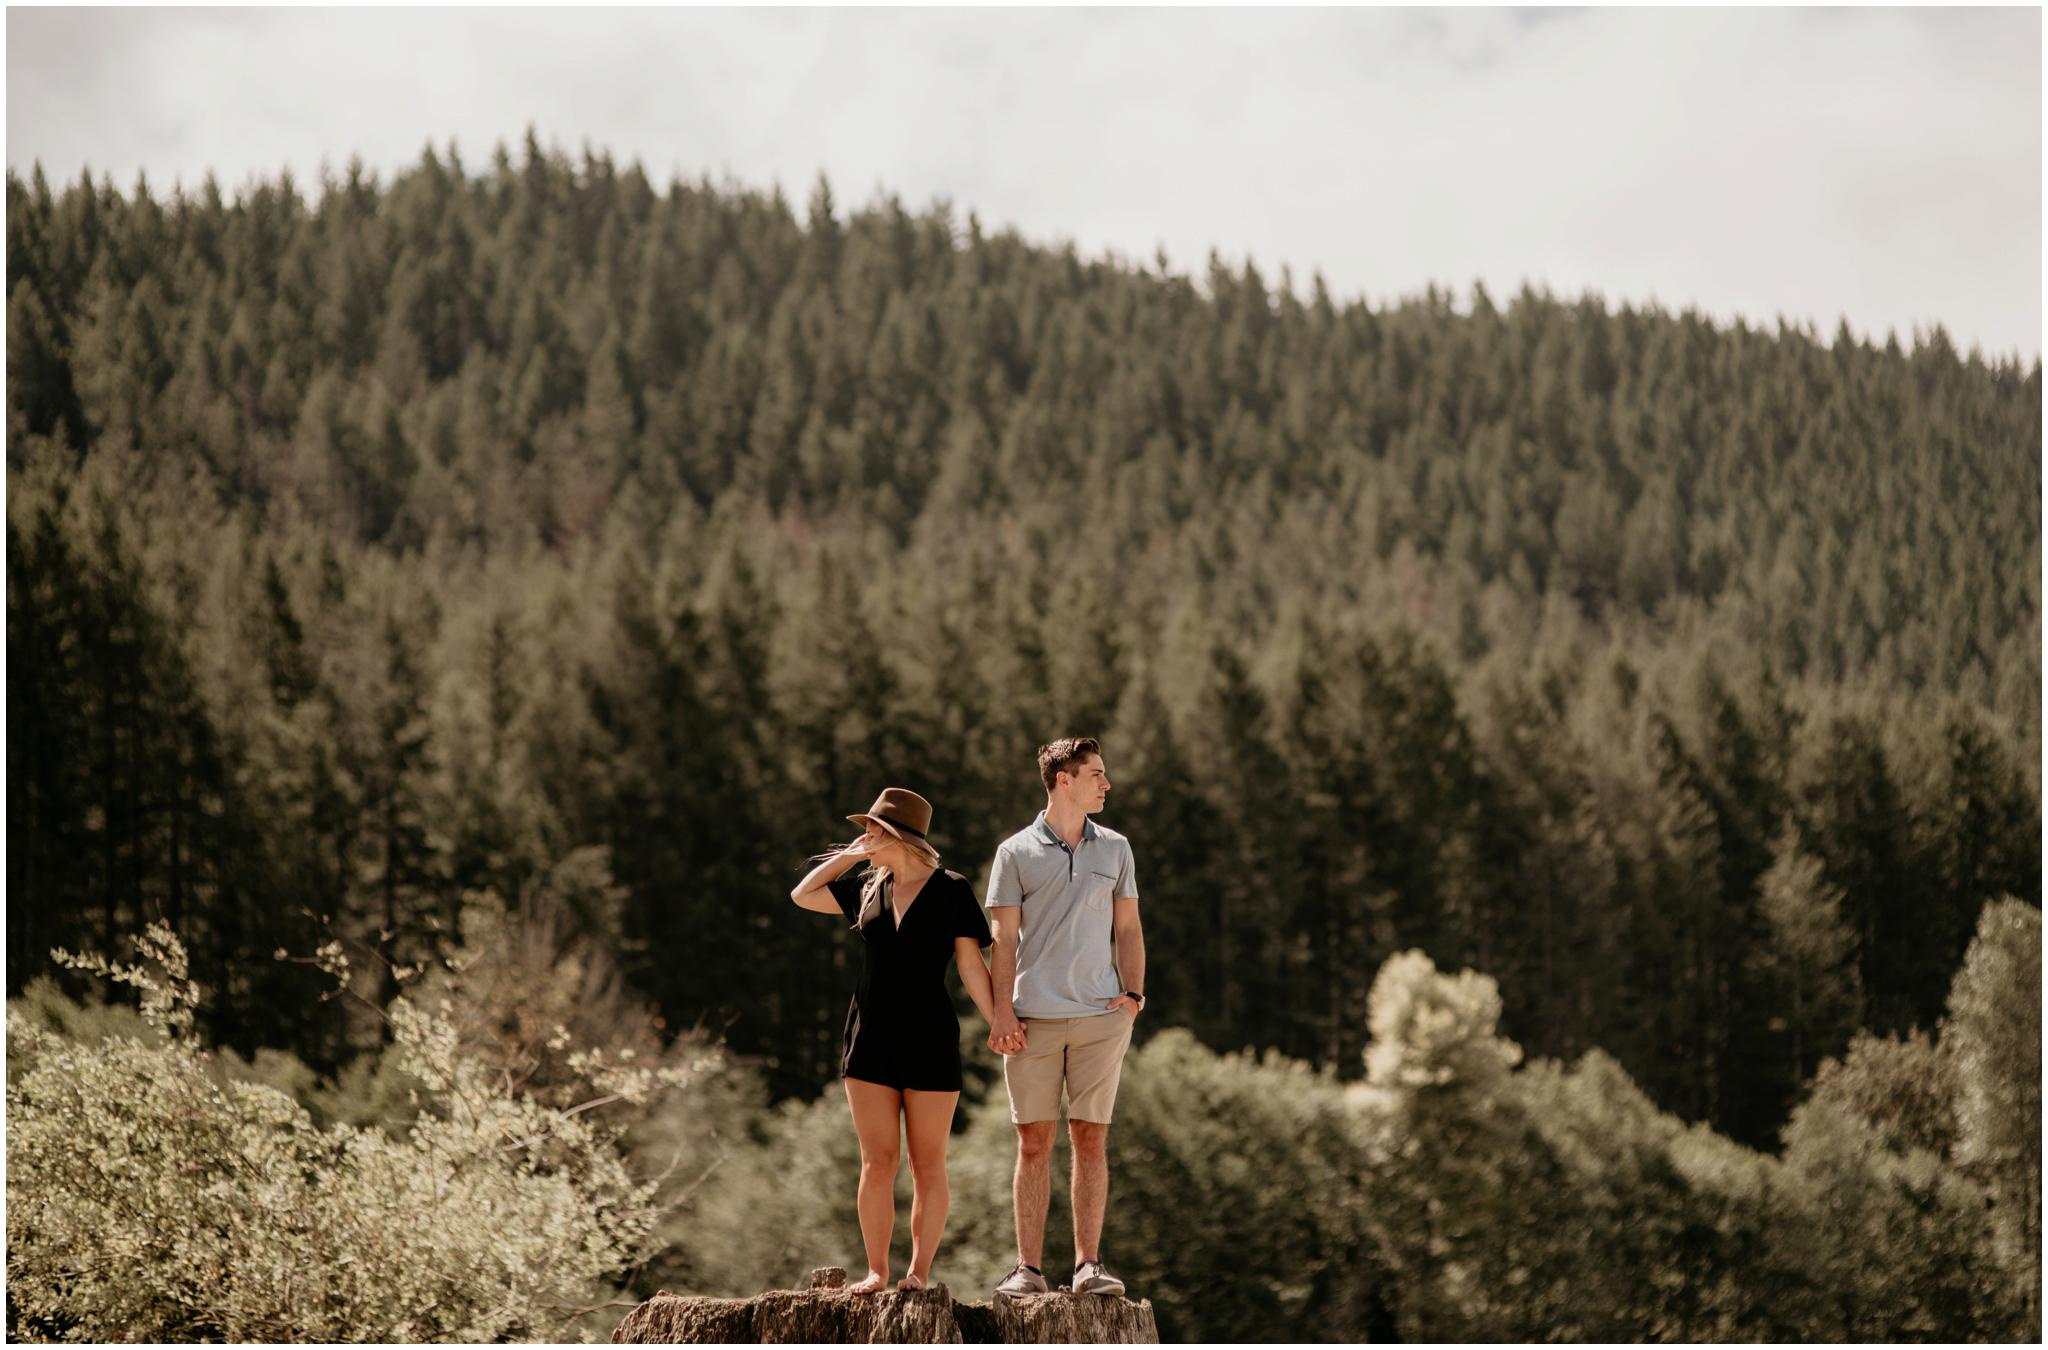 katie-nolan-rattlesnake-lake-engagement-session-seattle-wedding-photographer-016.jpg